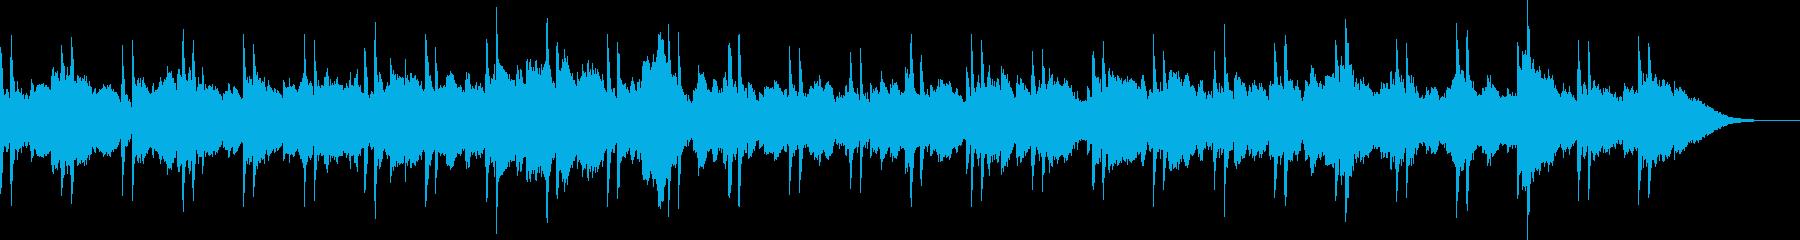 不安・怪しい・鼓動の音のするホラー曲の再生済みの波形